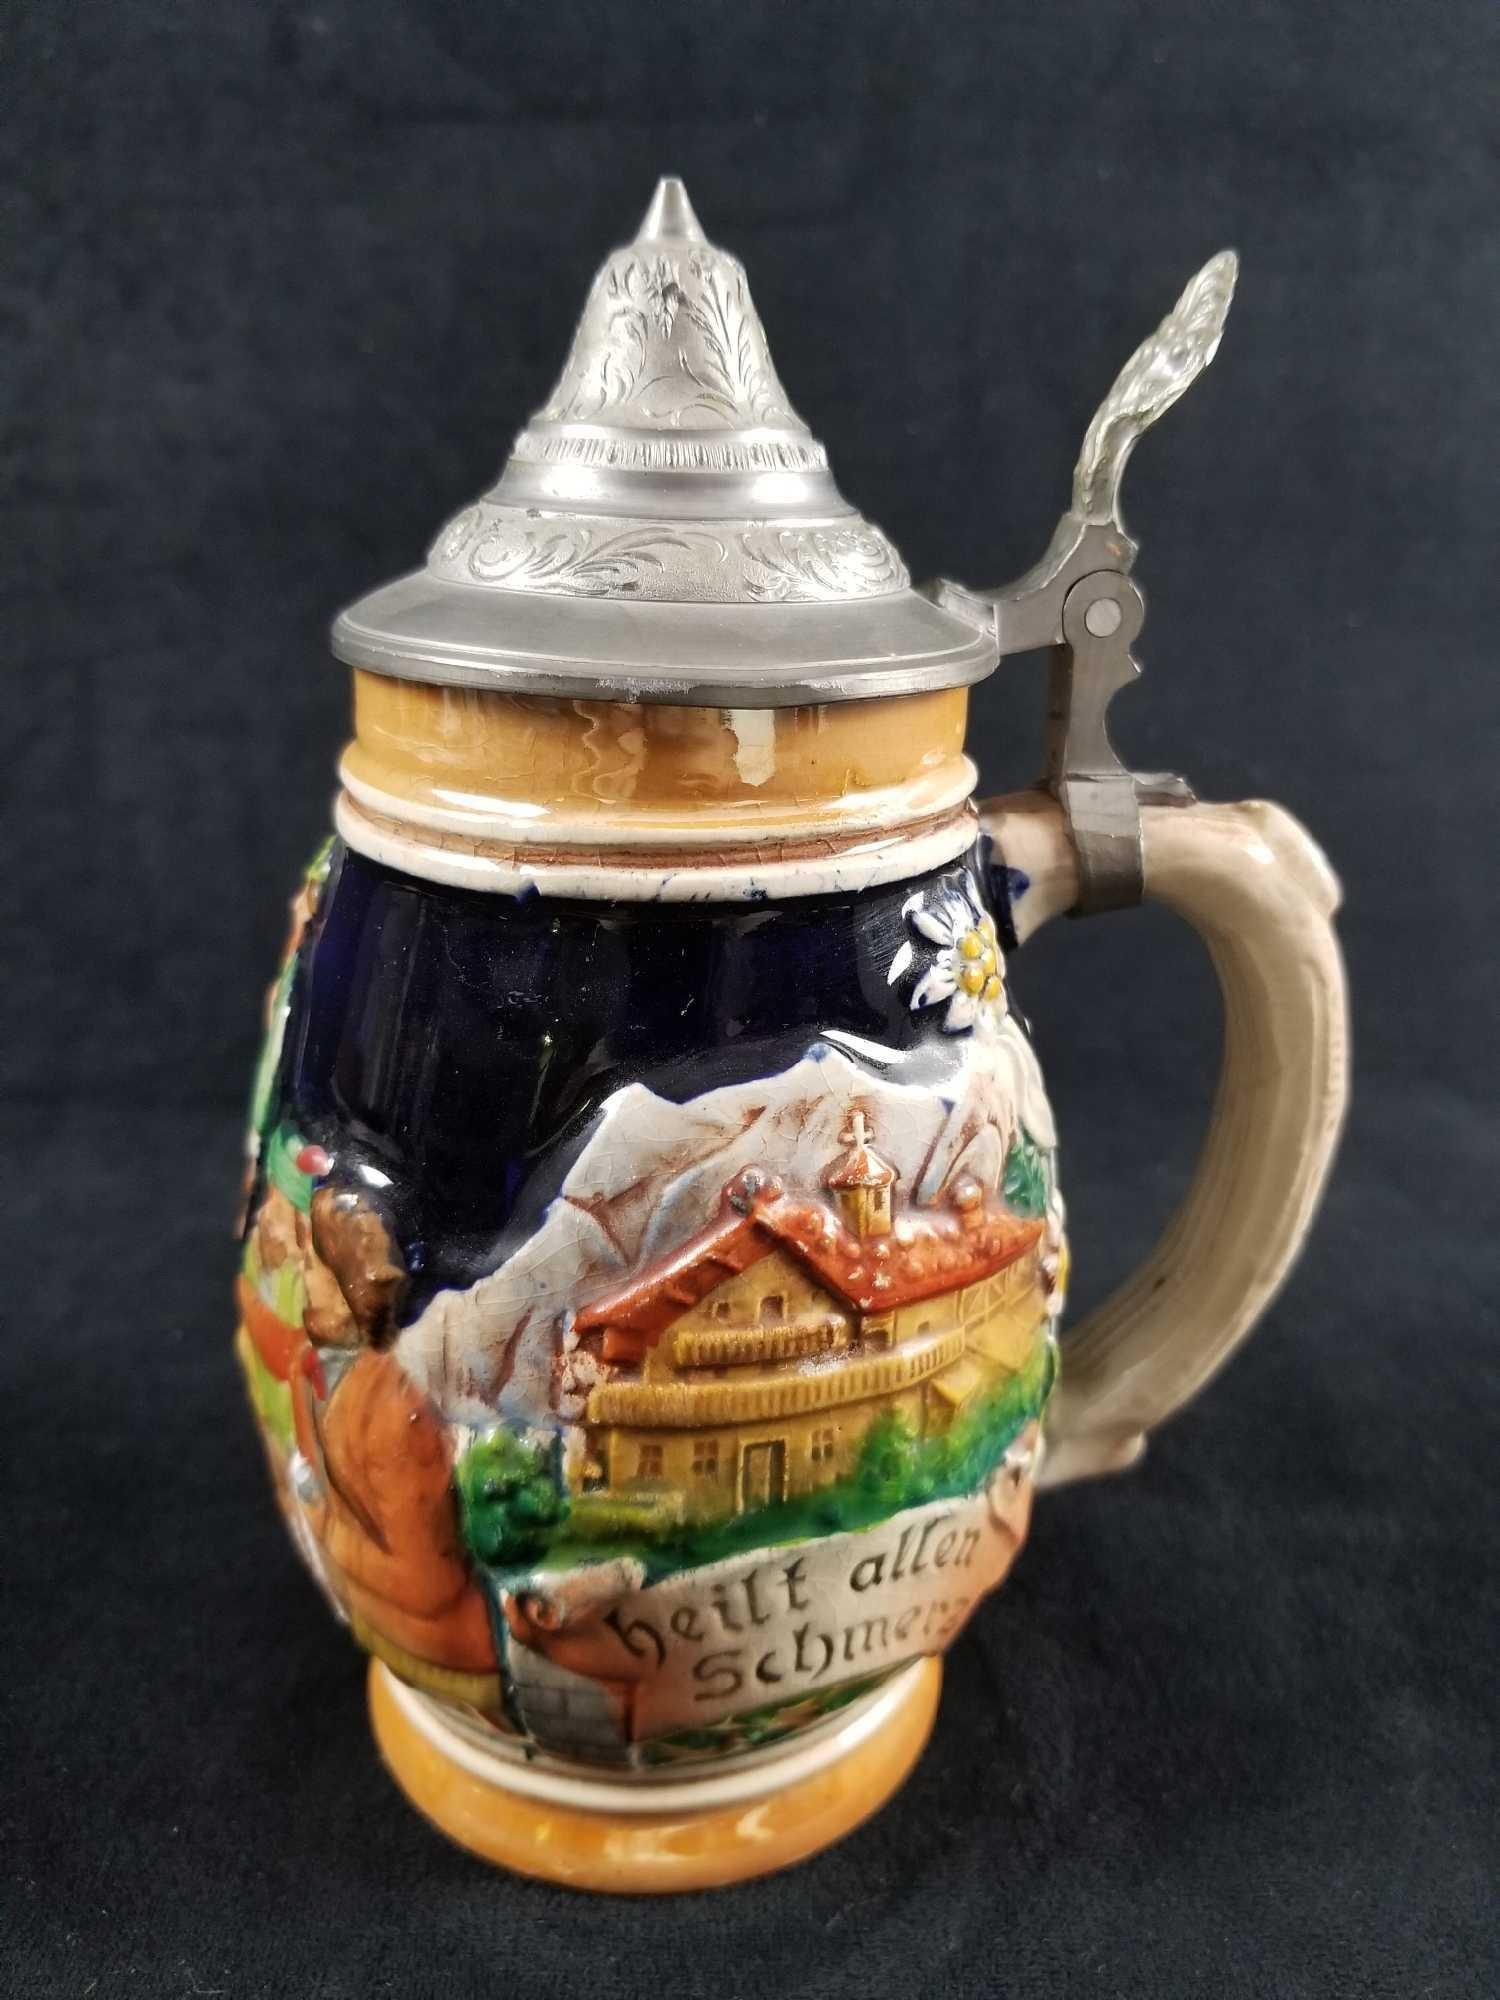 Vintage German Beer Stein with Pewter LId featuring